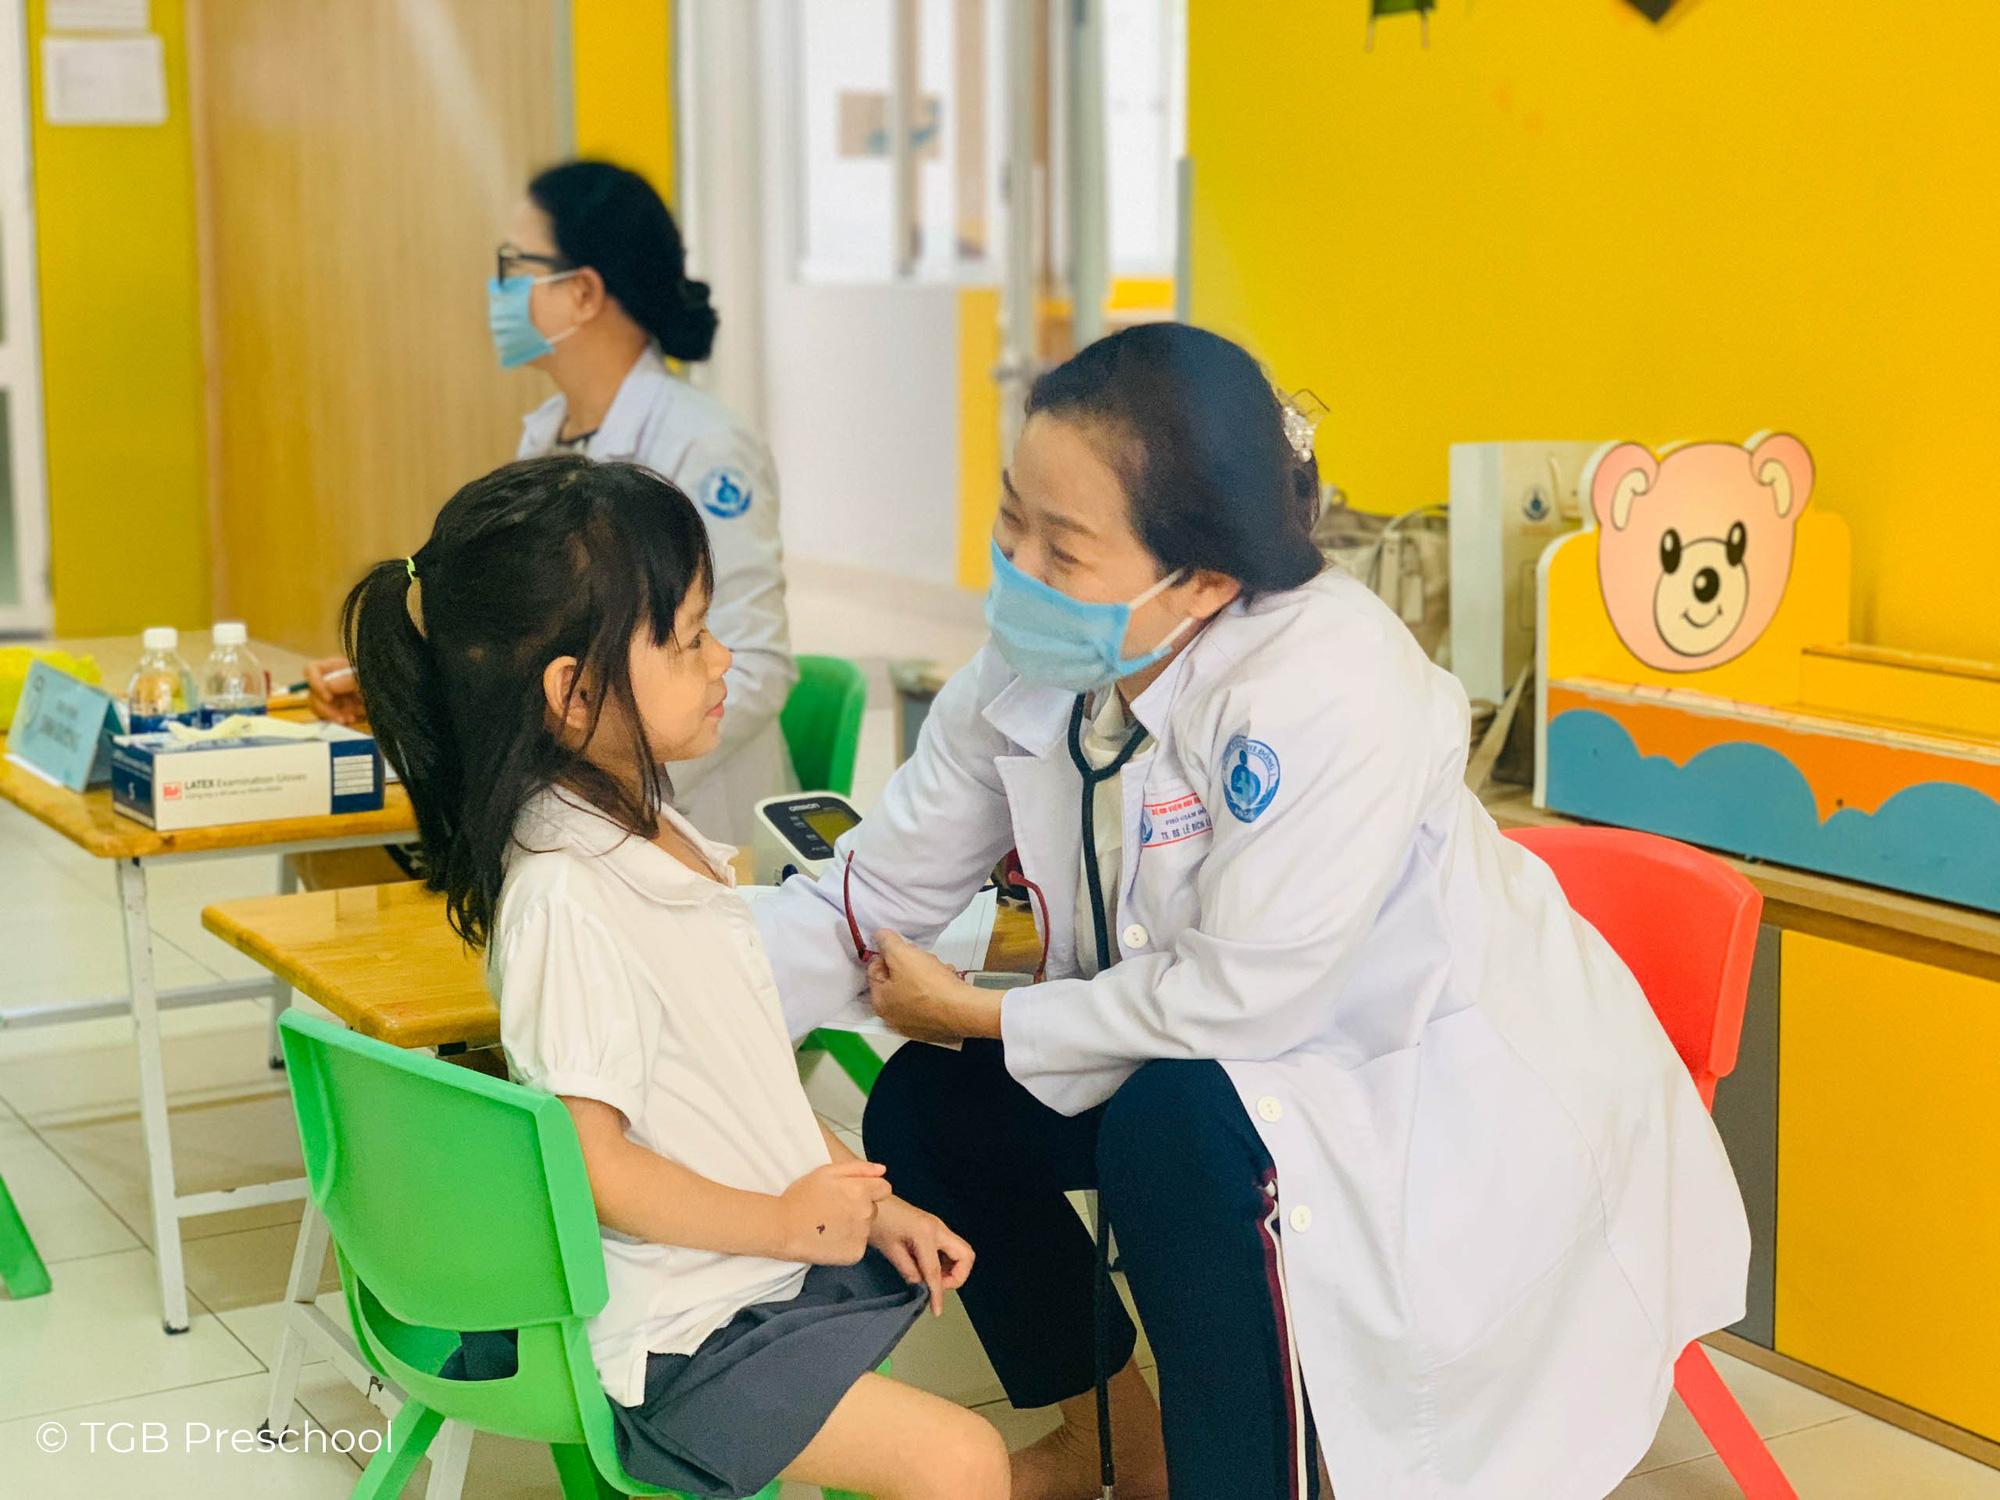 TWGroup hợp tác cùng bệnh viện nhi đồng 1 chăm sóc sức khoẻ toàn diện cho học sinh - Ảnh 4.